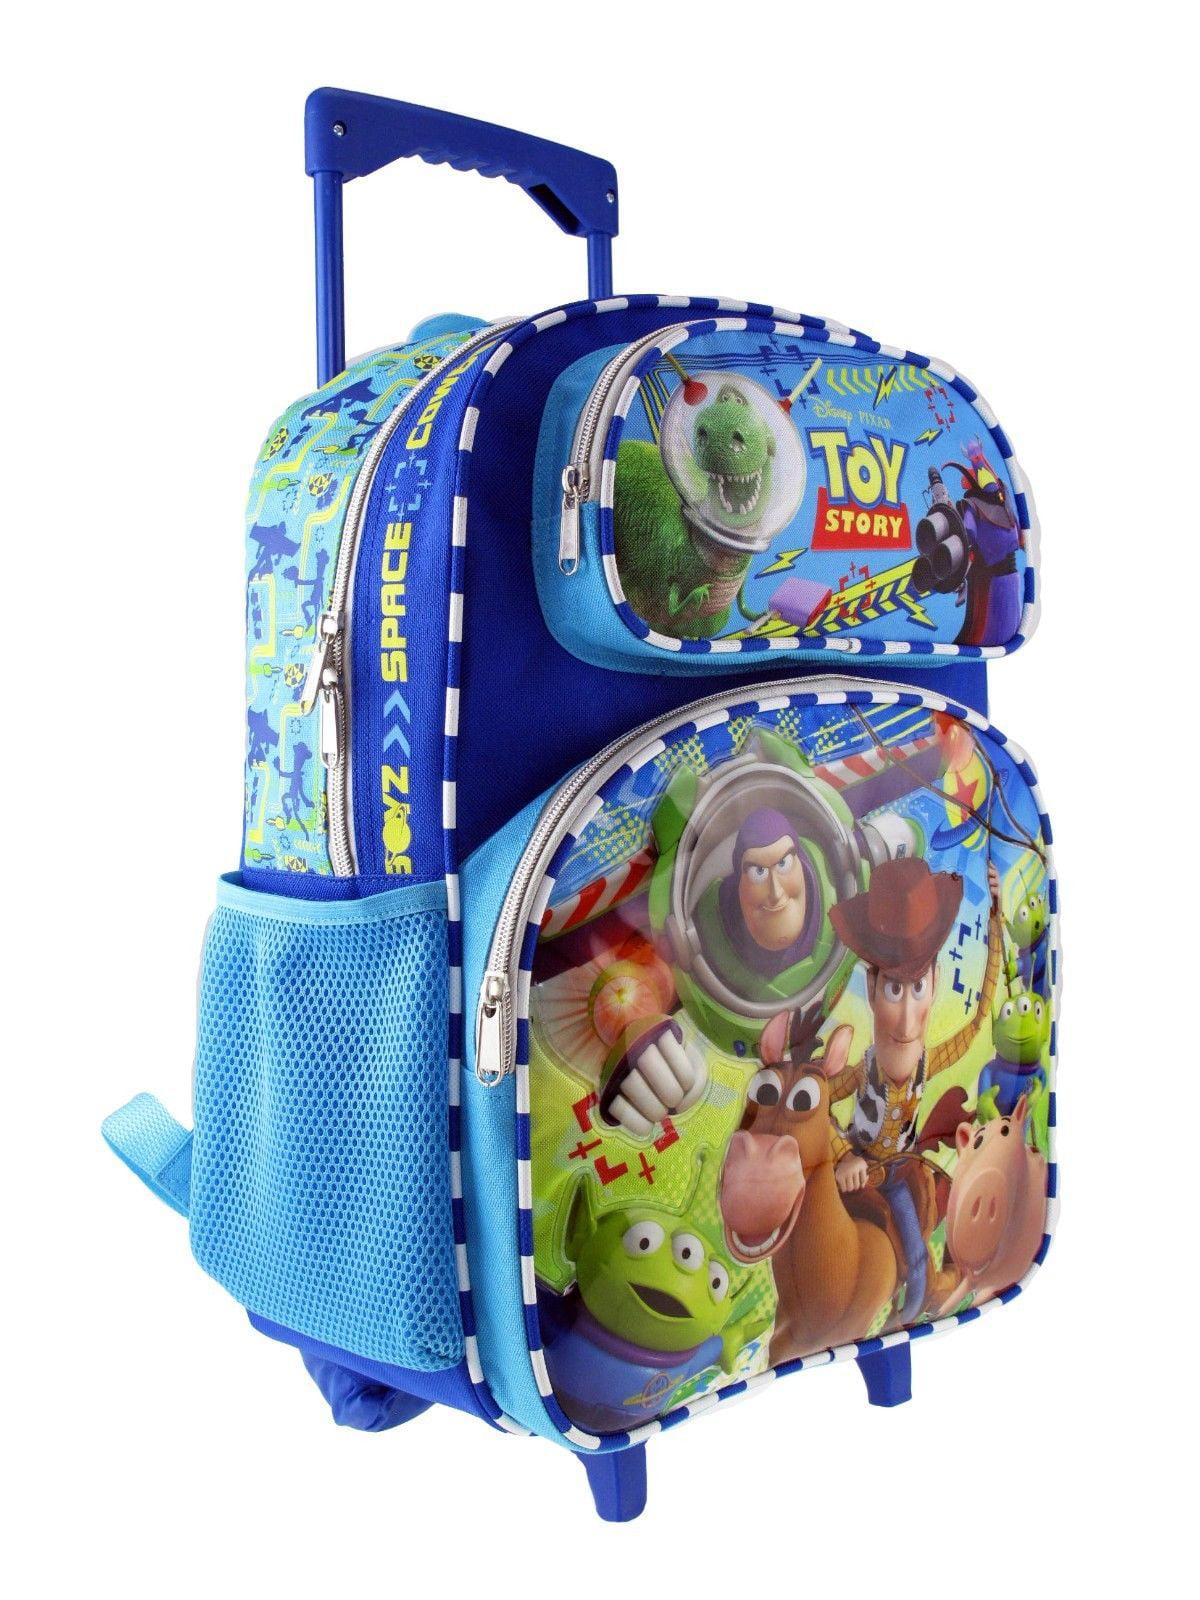 Sofia princess Backpack Swimming Clothes Environmental Toy Drawstring Bag AAA